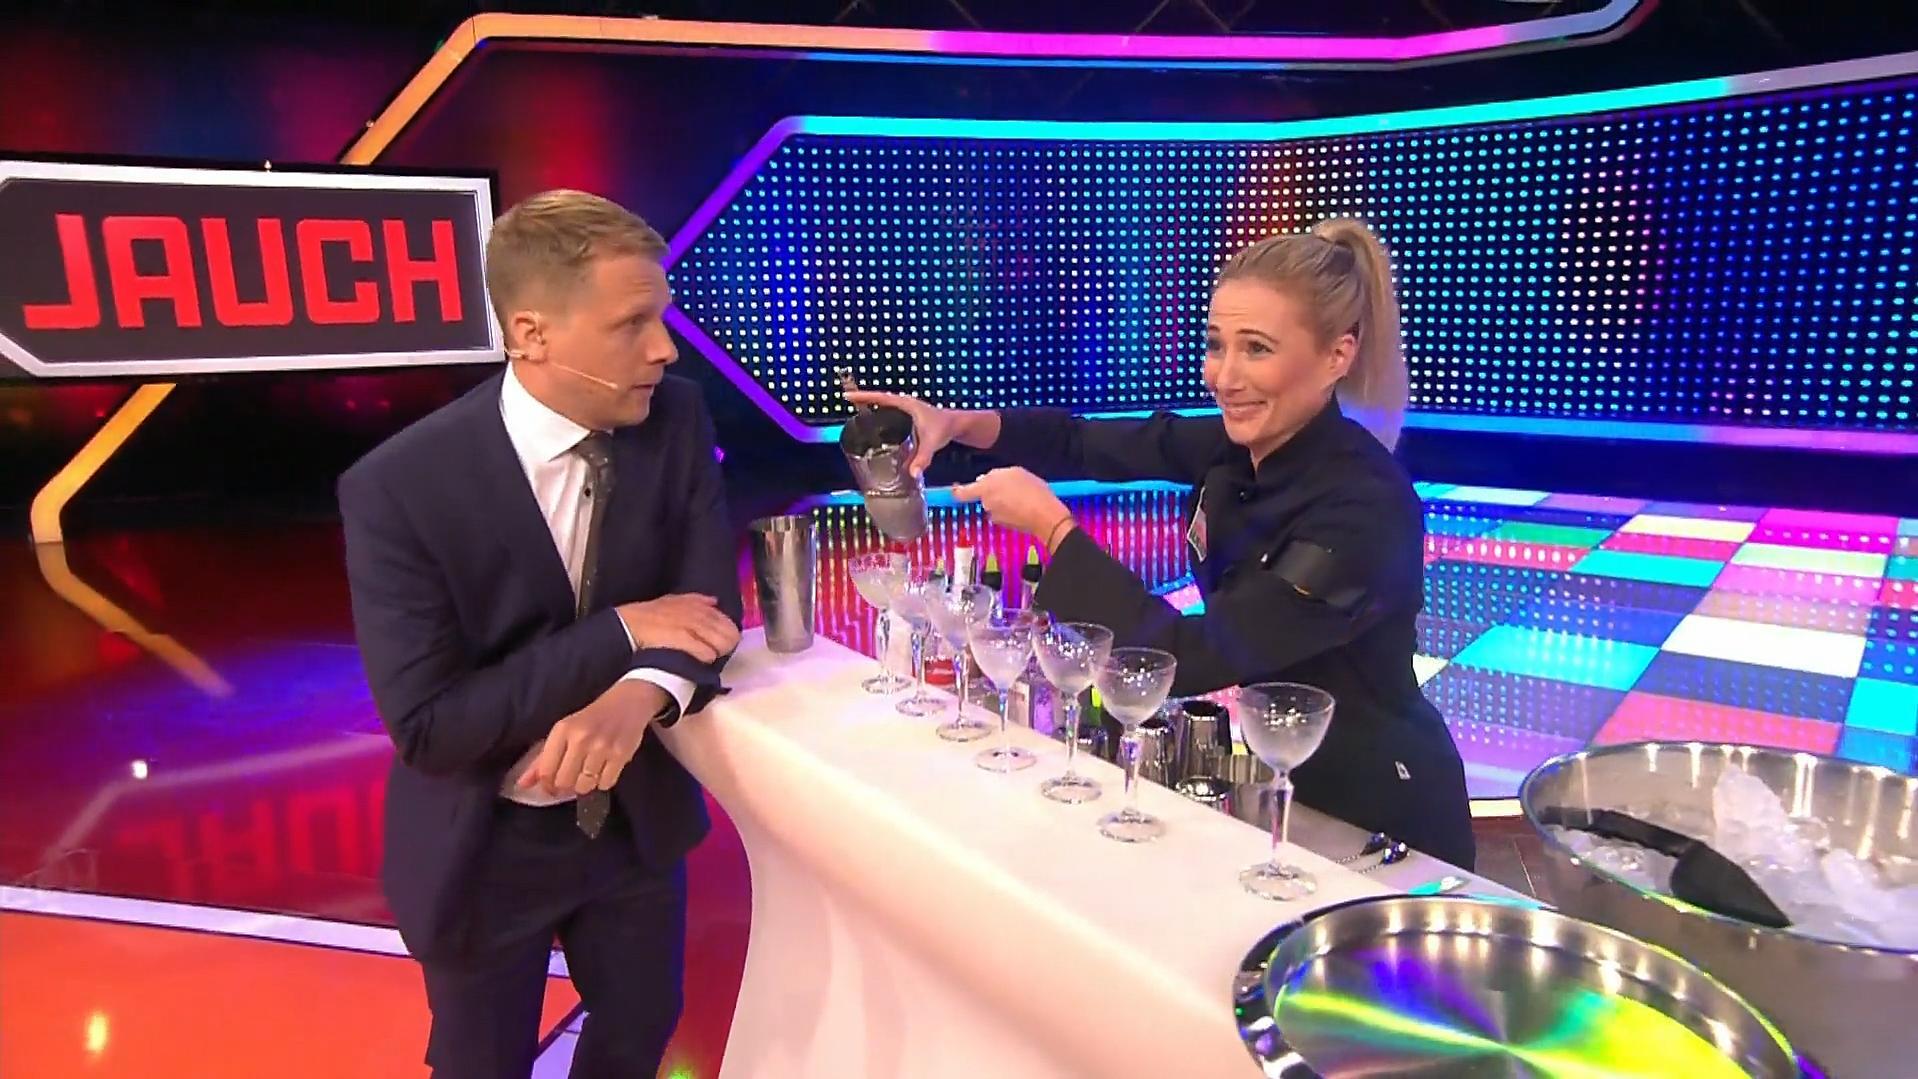 5 gegen Jauch: Cocktails für alle! Oliver Pocher lässt eine Runde teuflische Drinks mixen